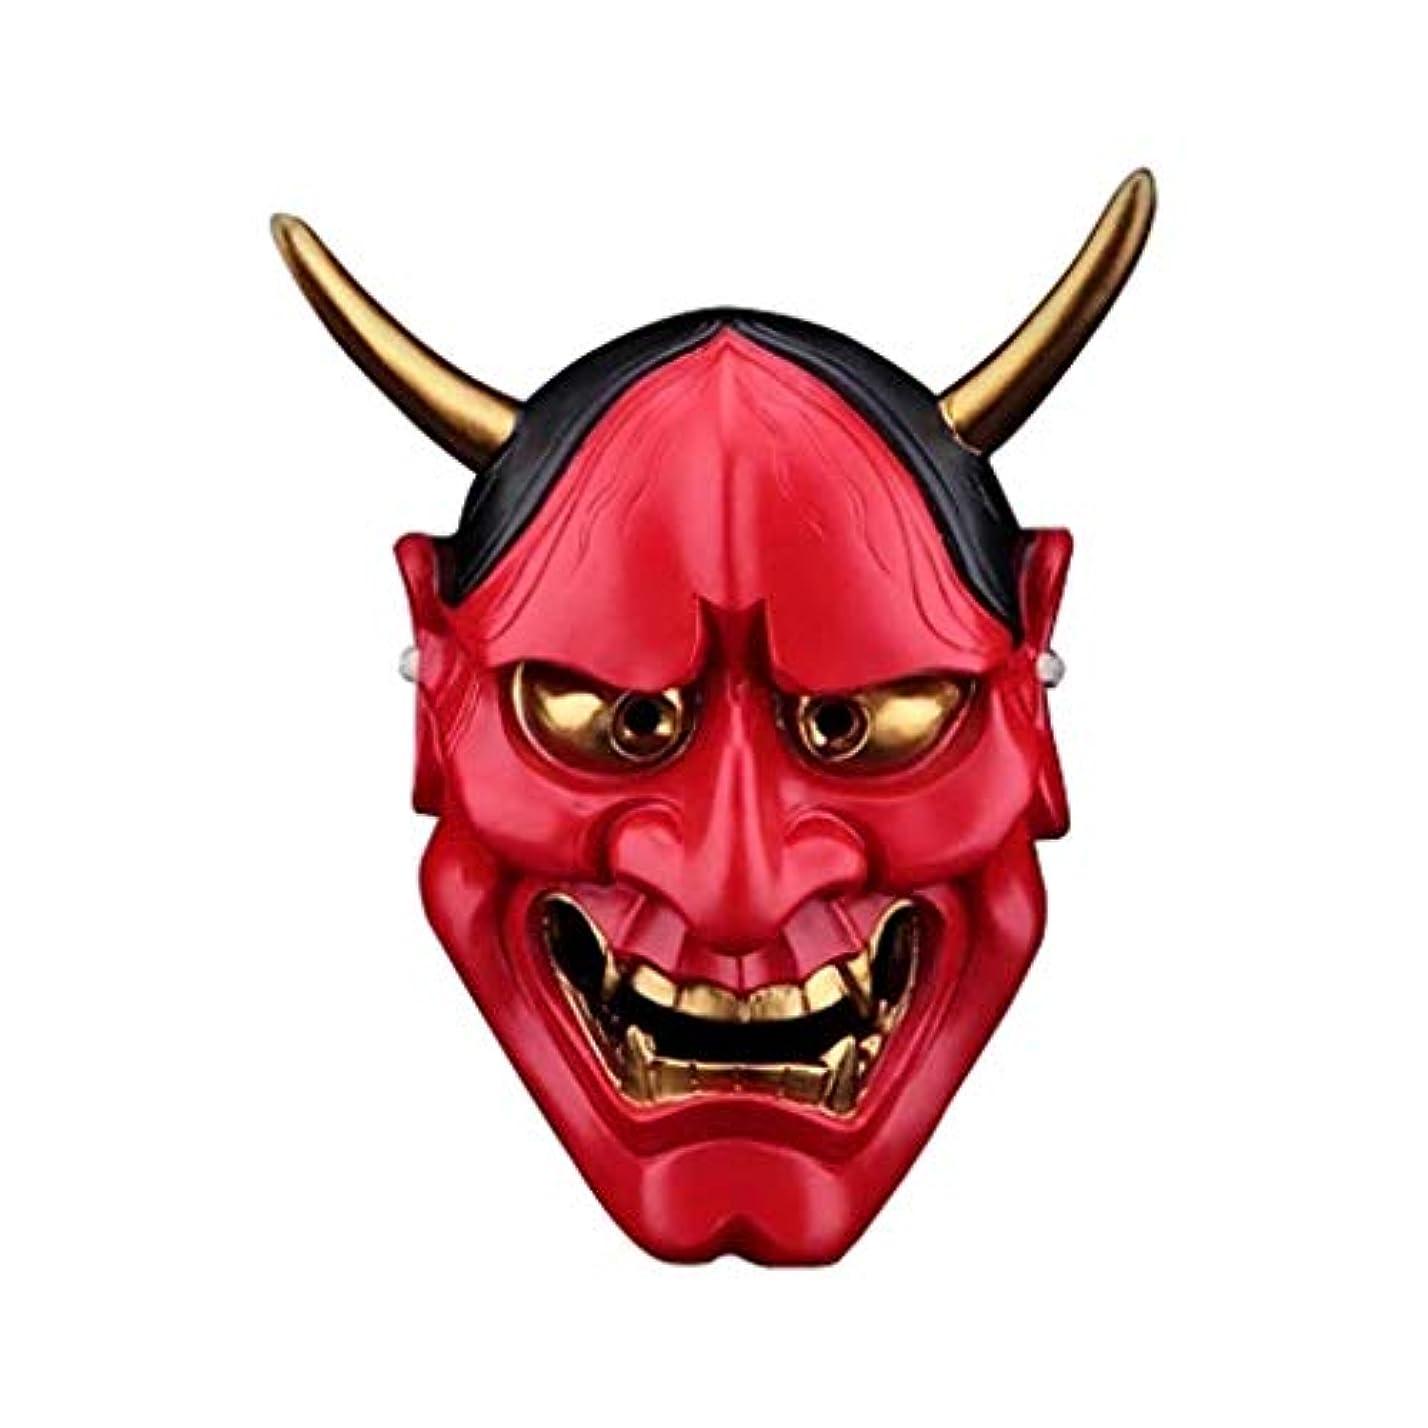 要塞特異な自発的ハロウィンホラーマスク、成人用樹脂マスクデコレーション (Color : WHITE)